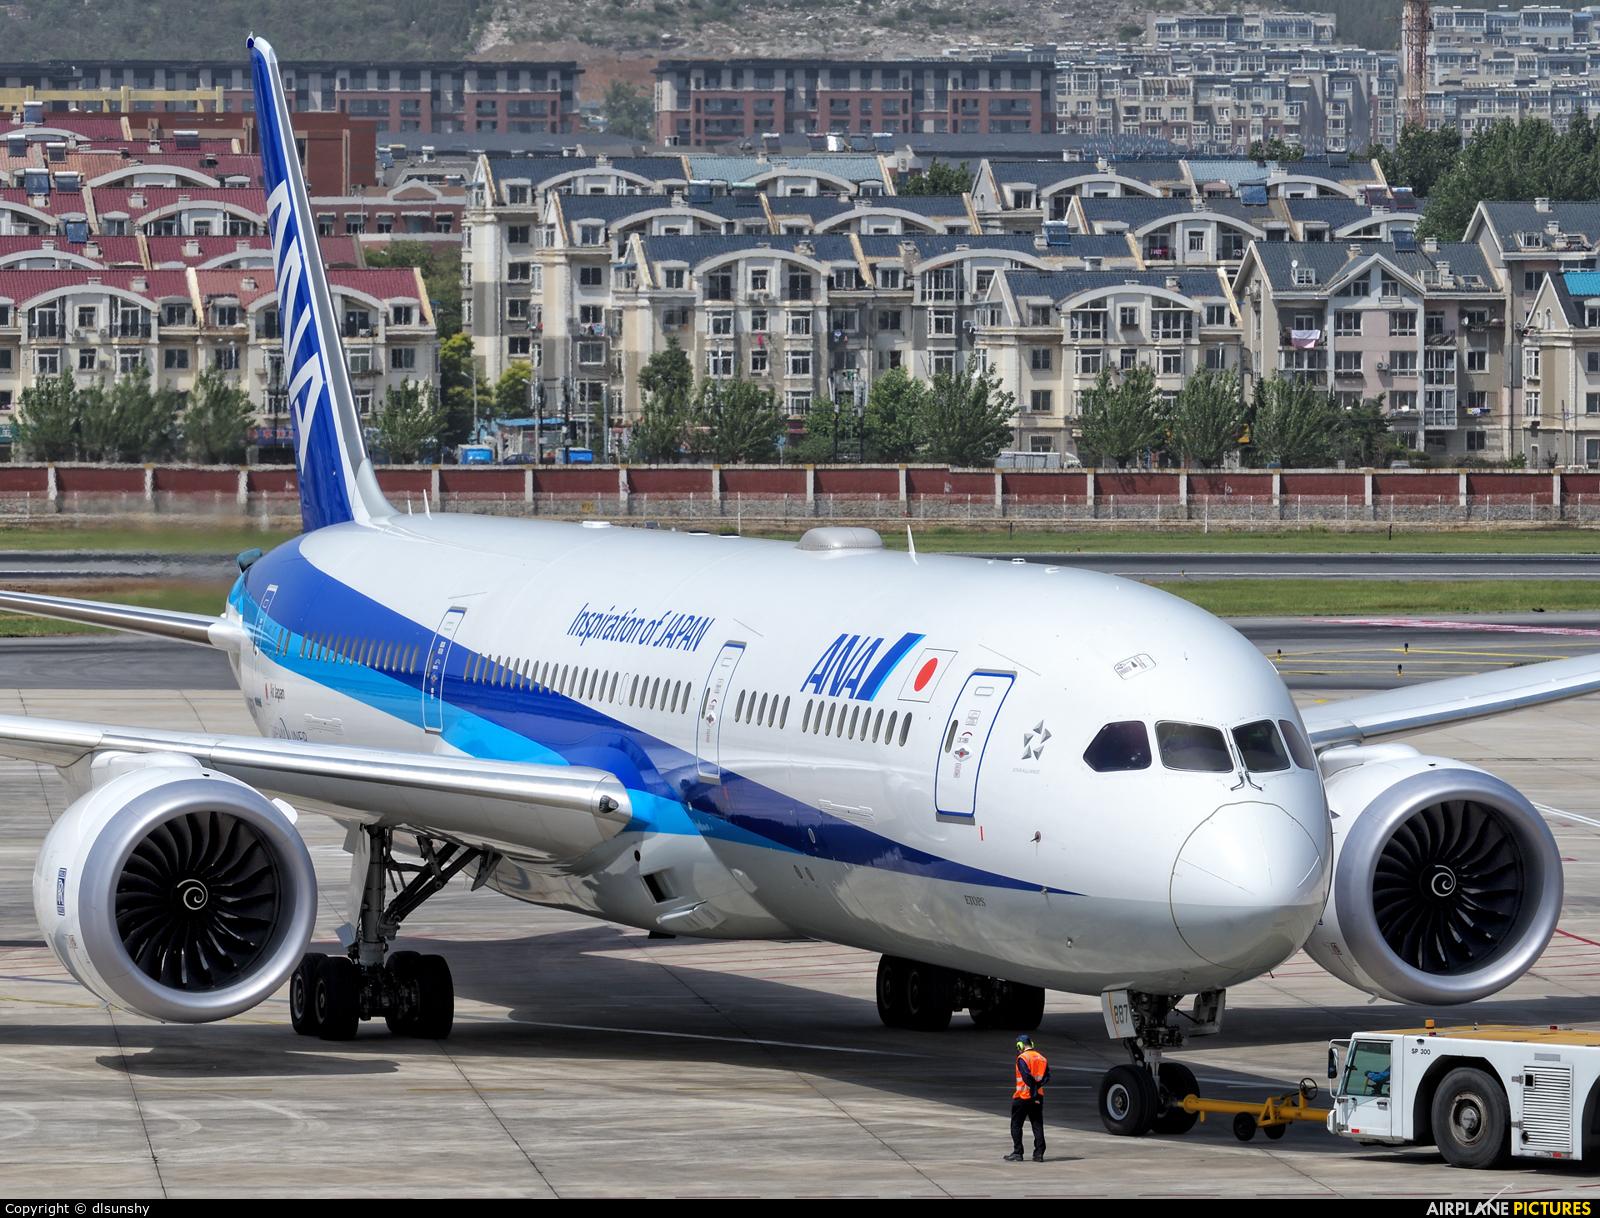 ANA - All Nippon Airways JA887A aircraft at Dalian Zhoushuizi Int'l